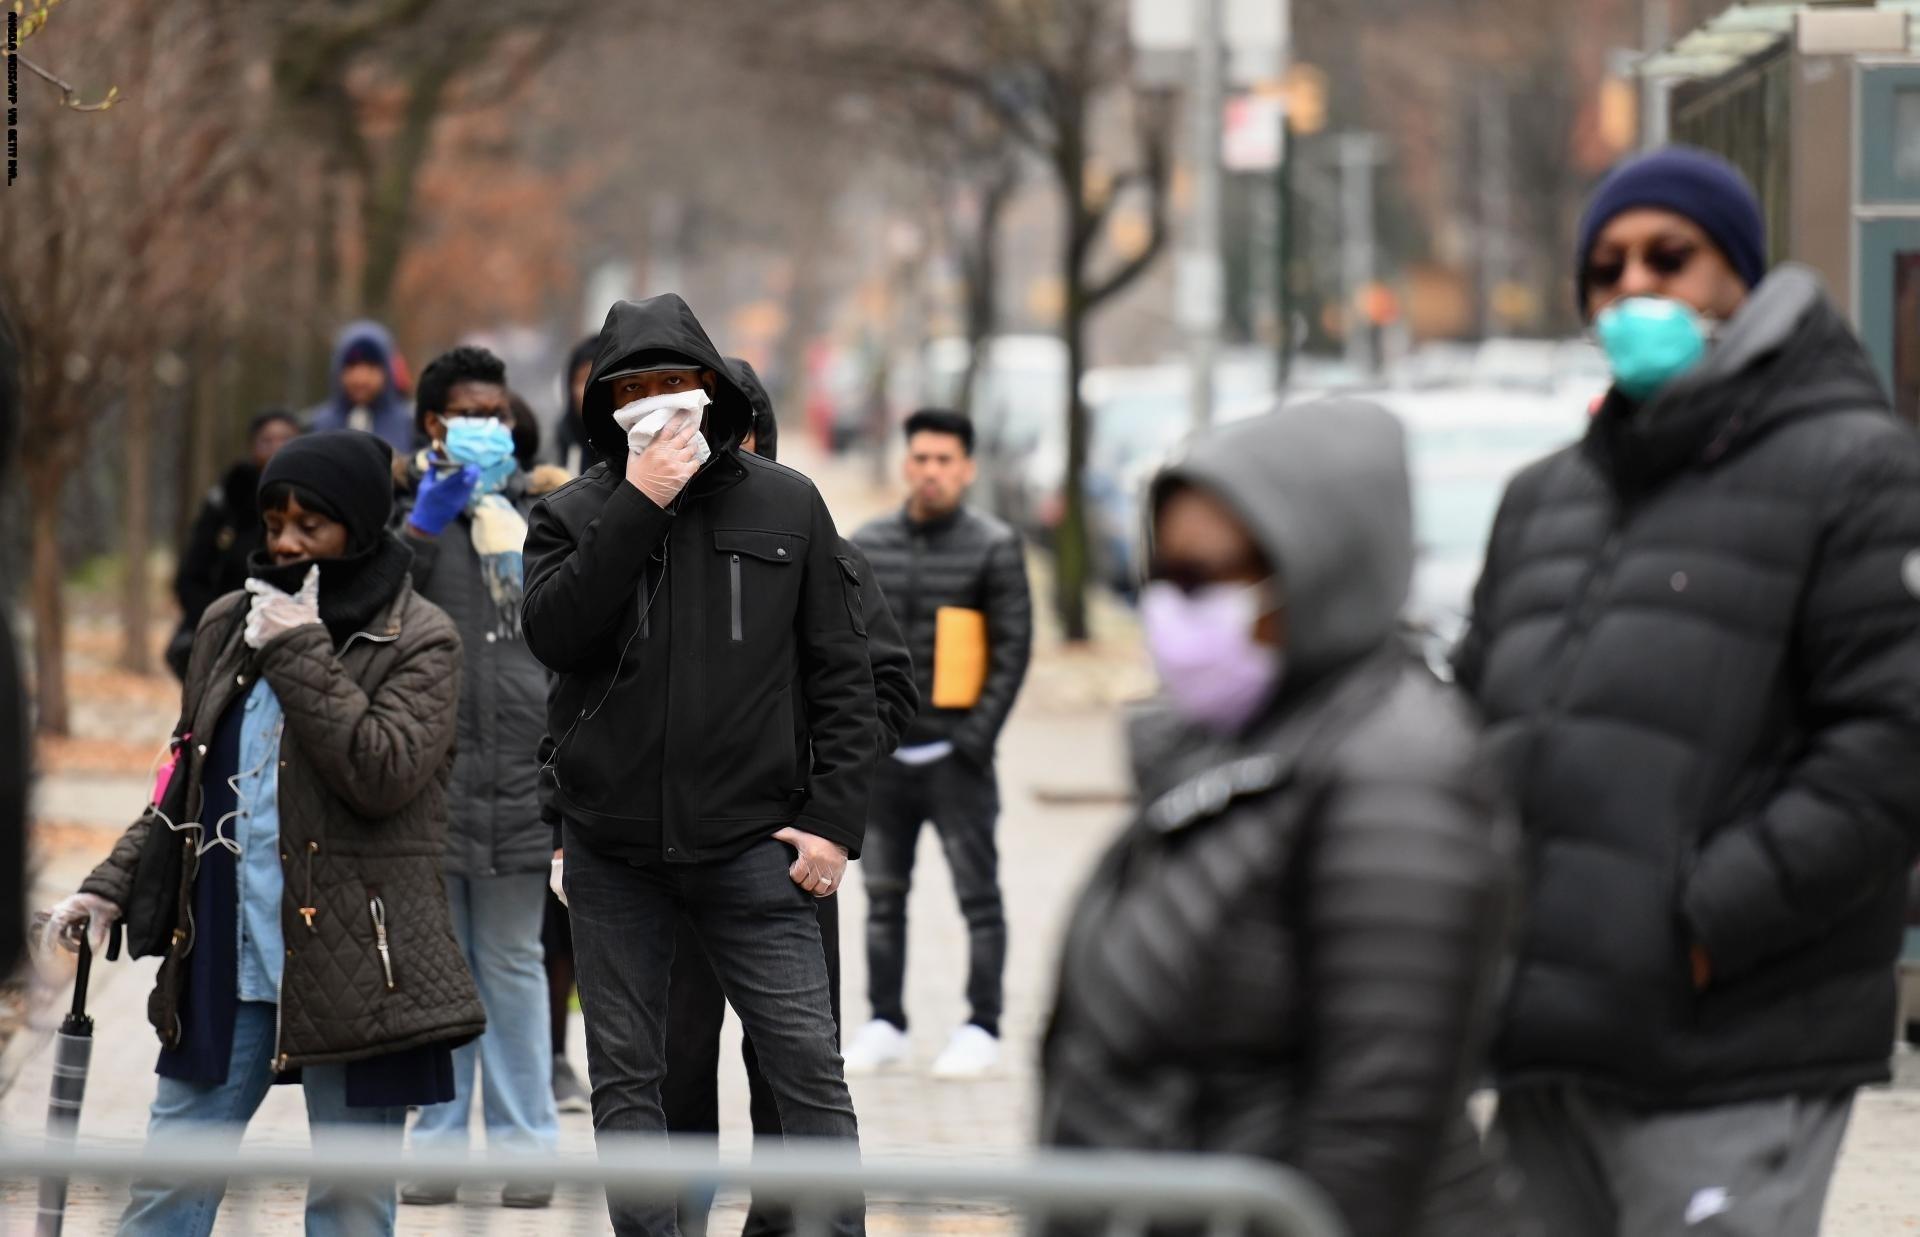 حاكم ولاية نيويورك: الفيروس الذي ضرب بلادنا أوروبي الهوية